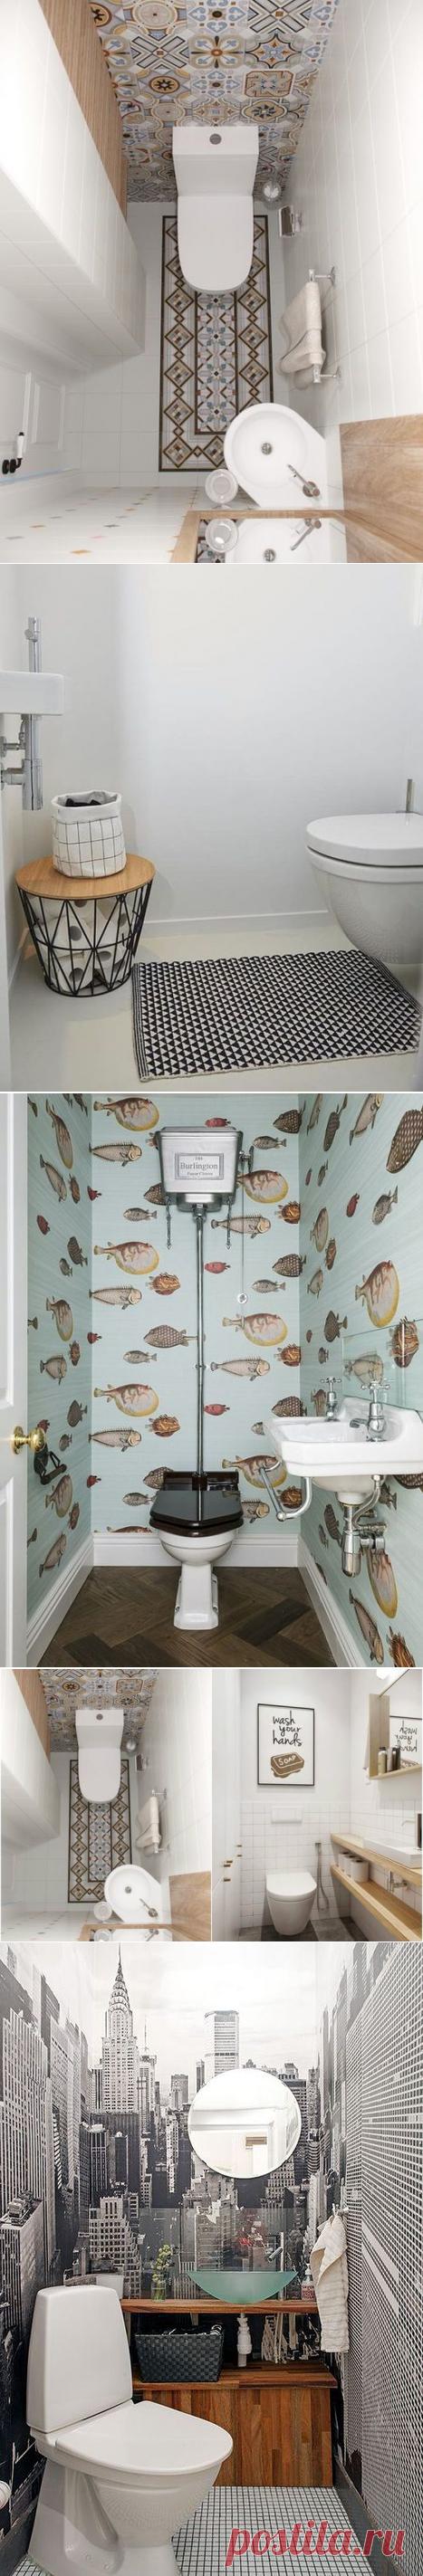 Секреты стильной организации небольшого туалета   Мой дом